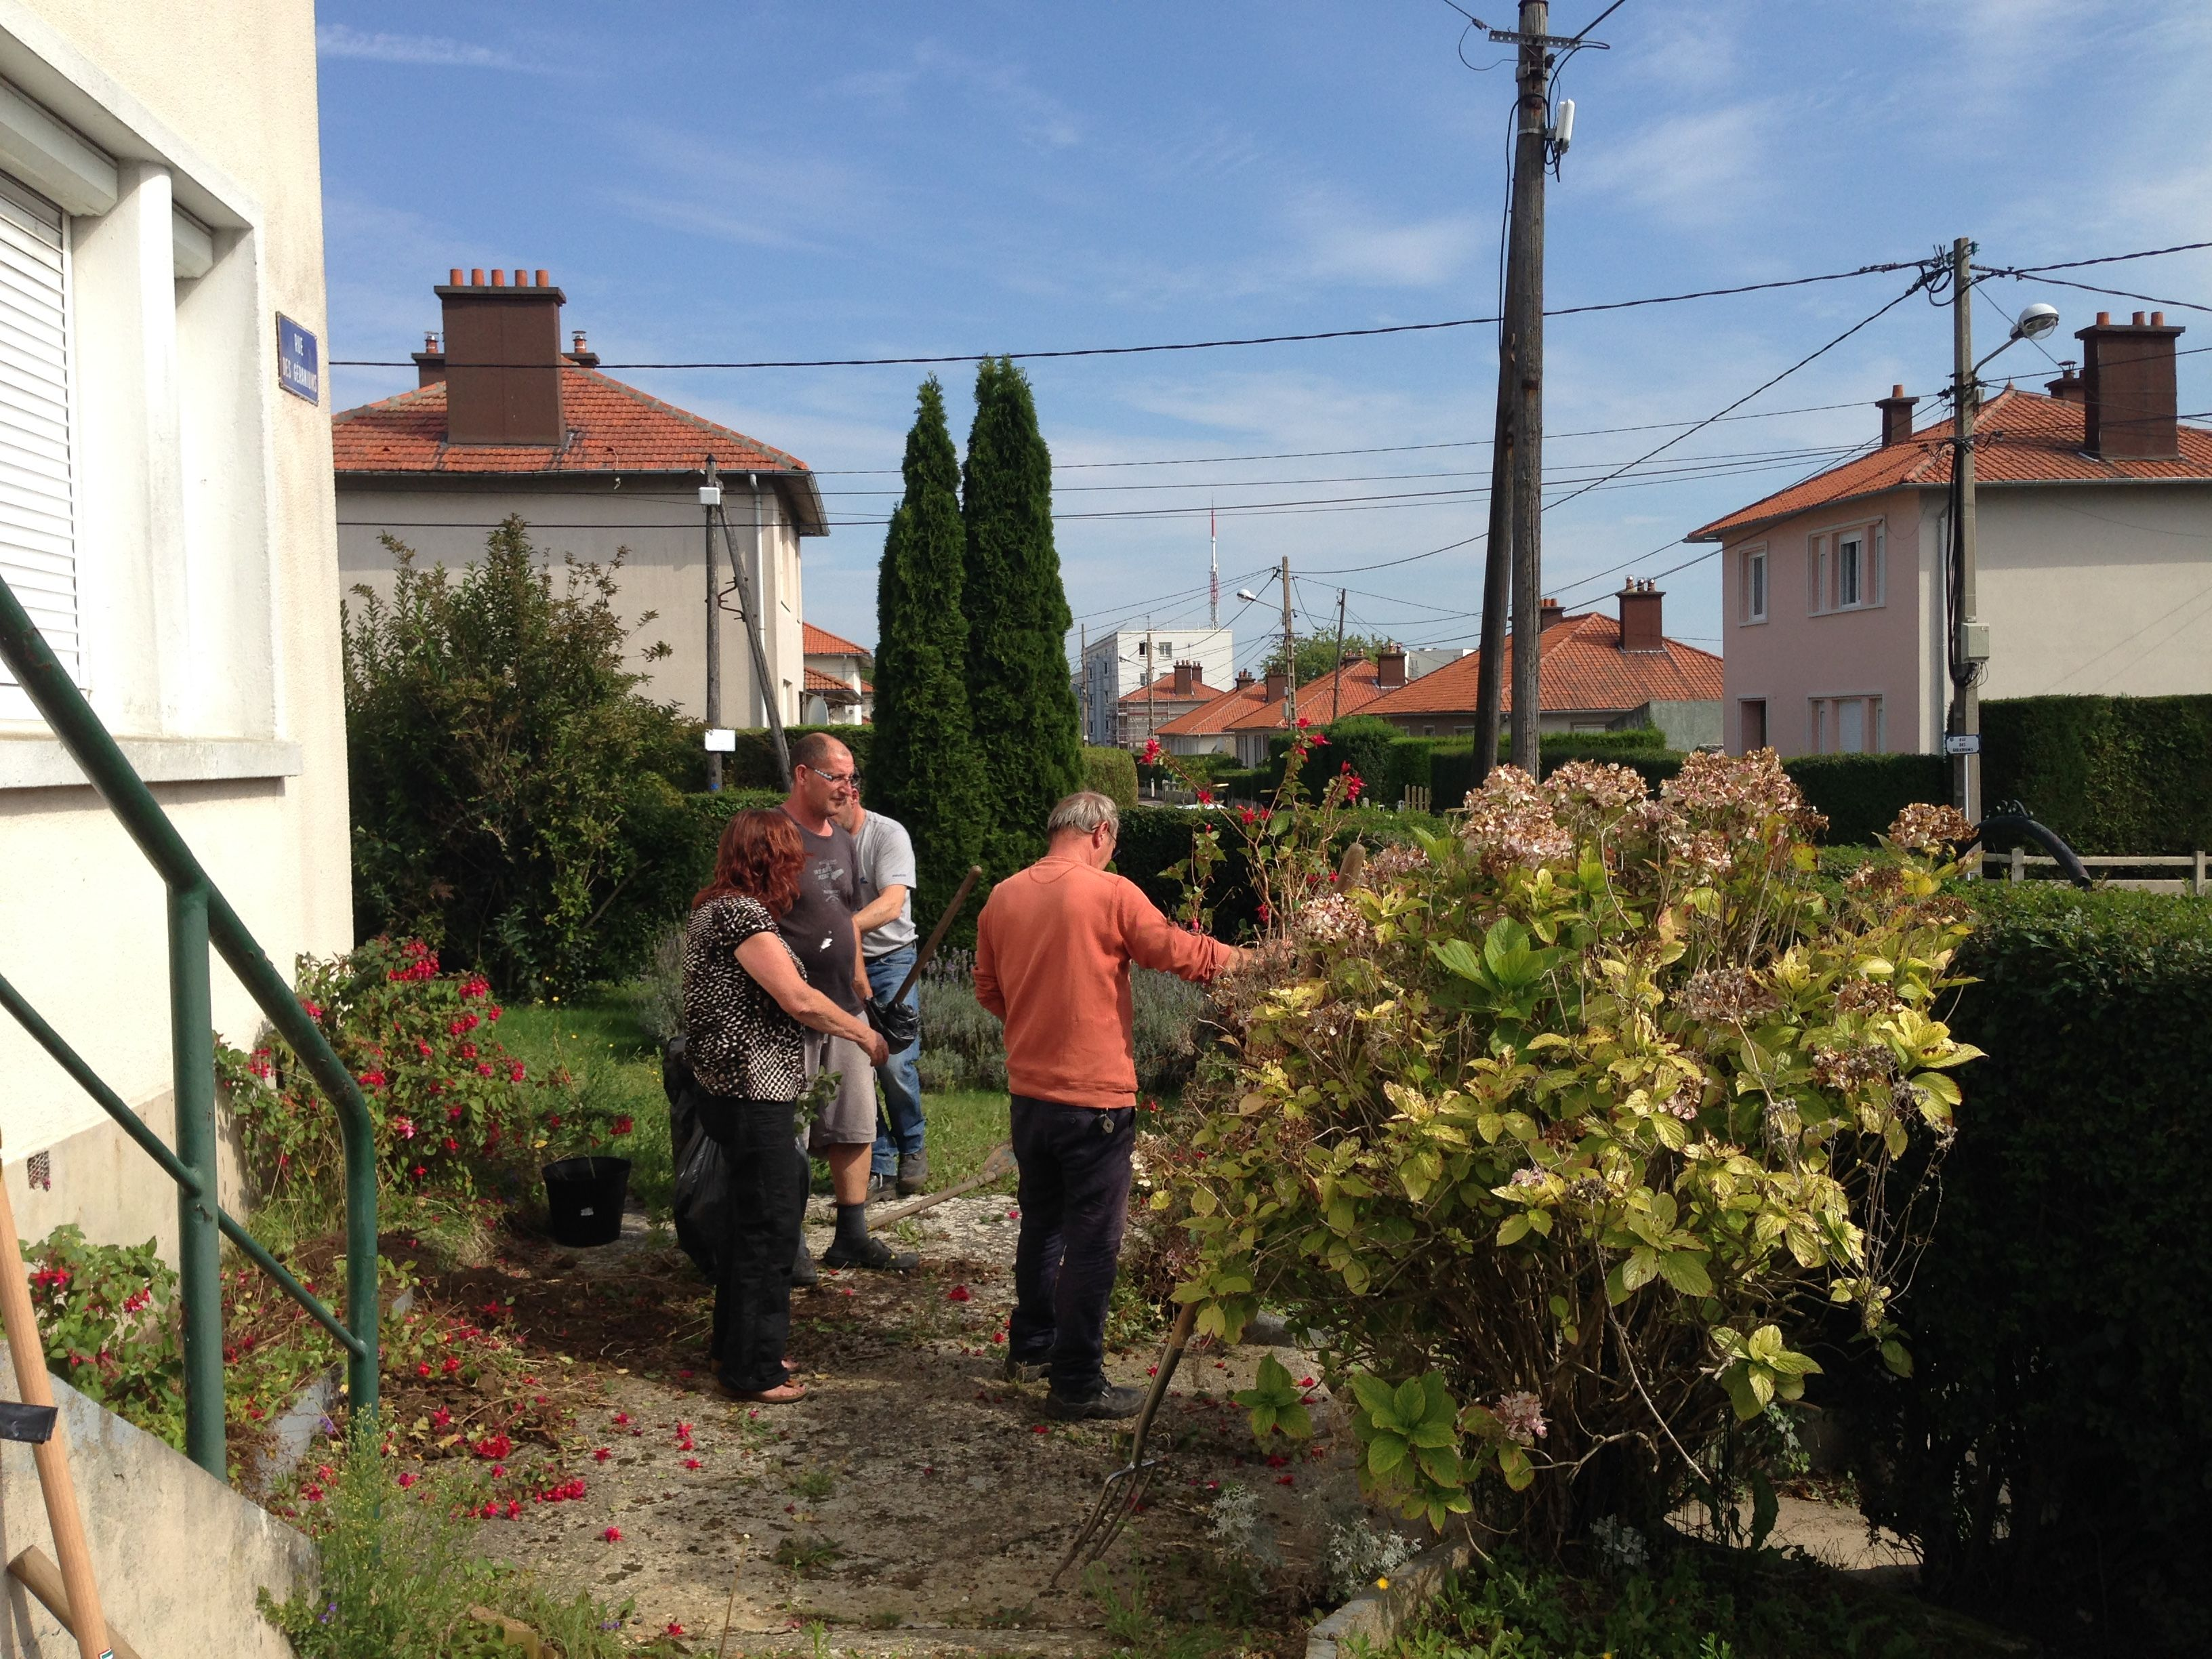 Troc aux plantes cit jardin for Jardin aux plantes